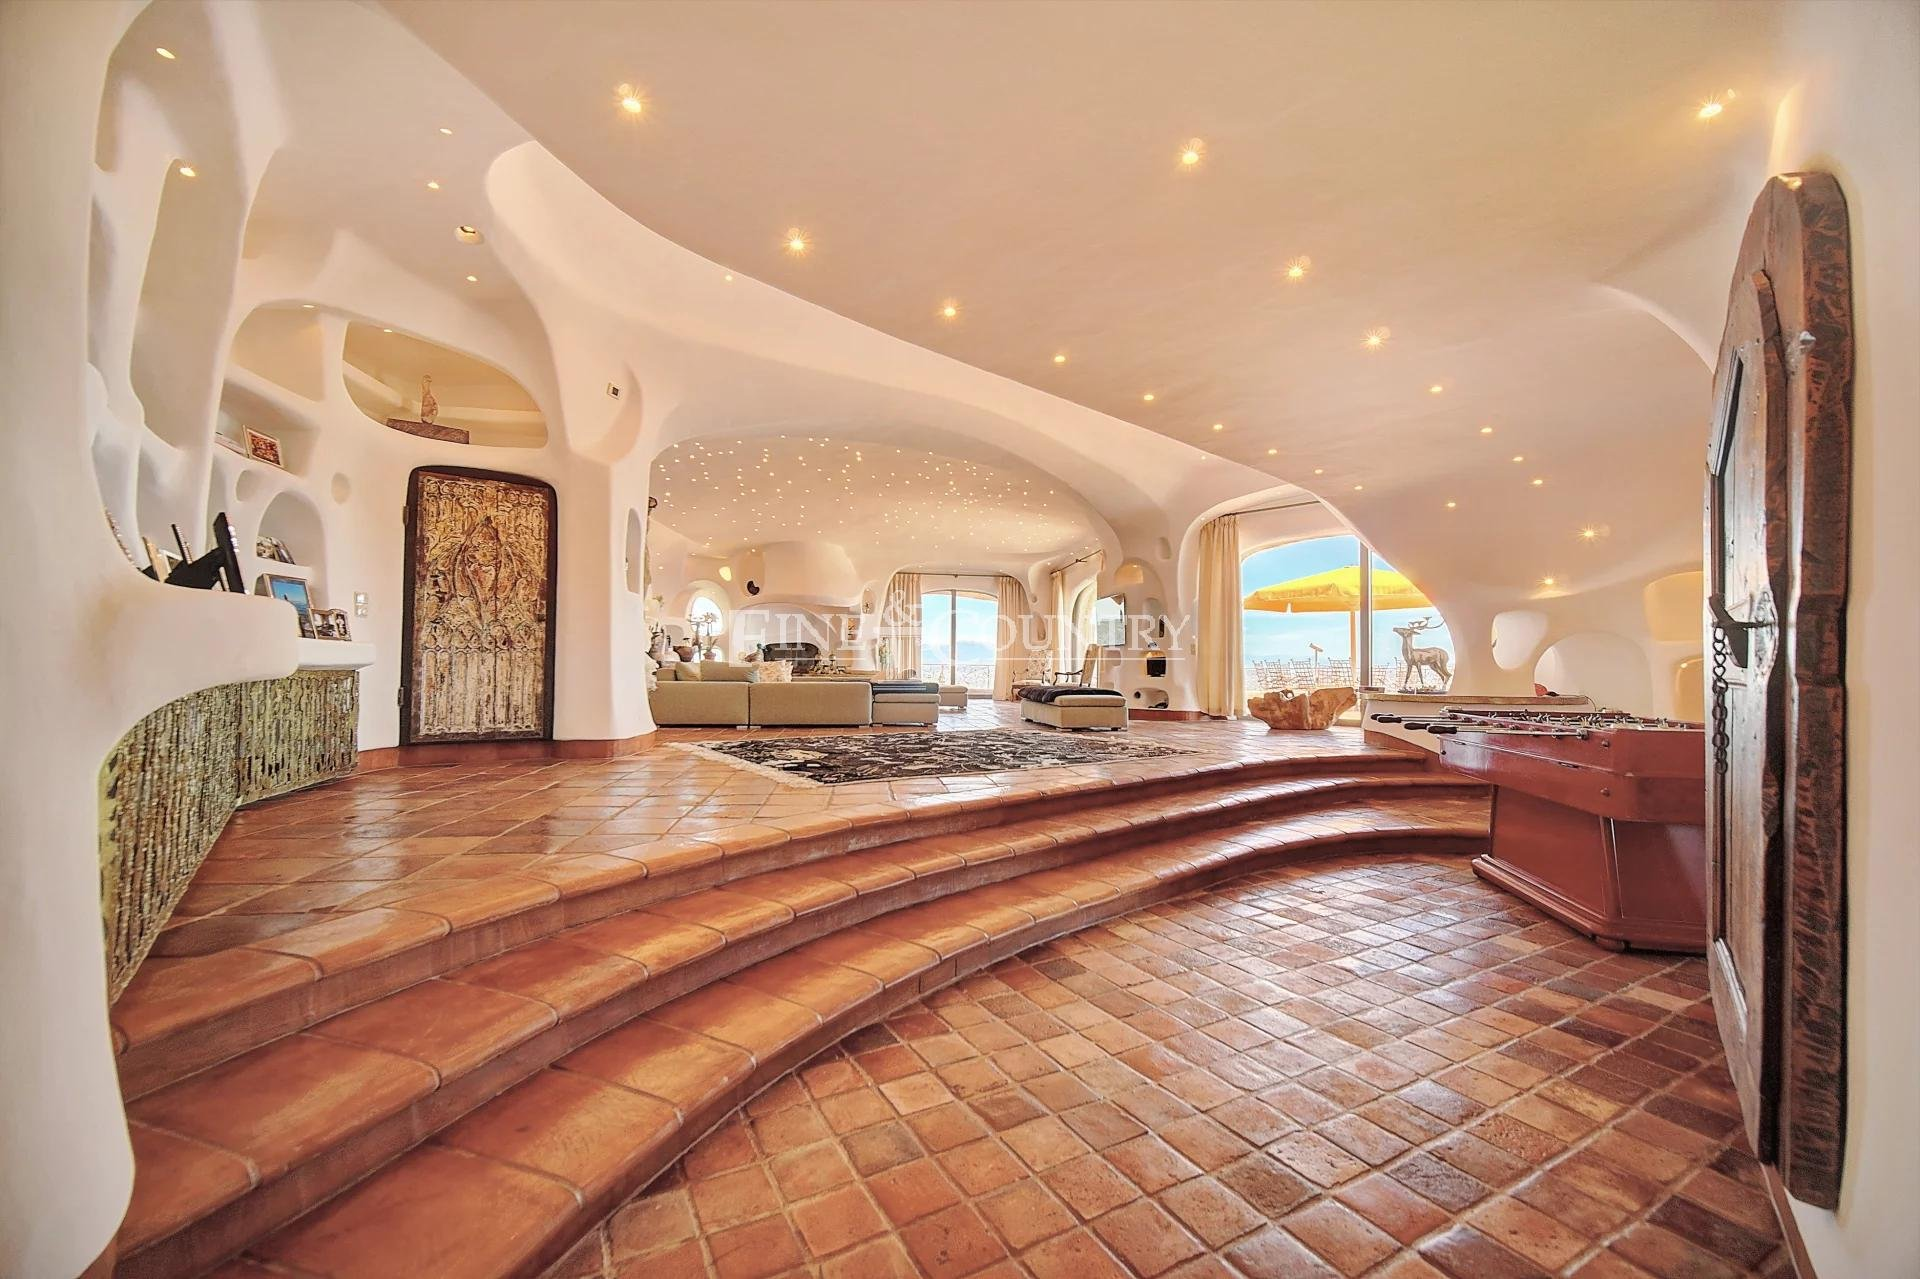 Villa exceptionnelle à Vendre à Cannes, France